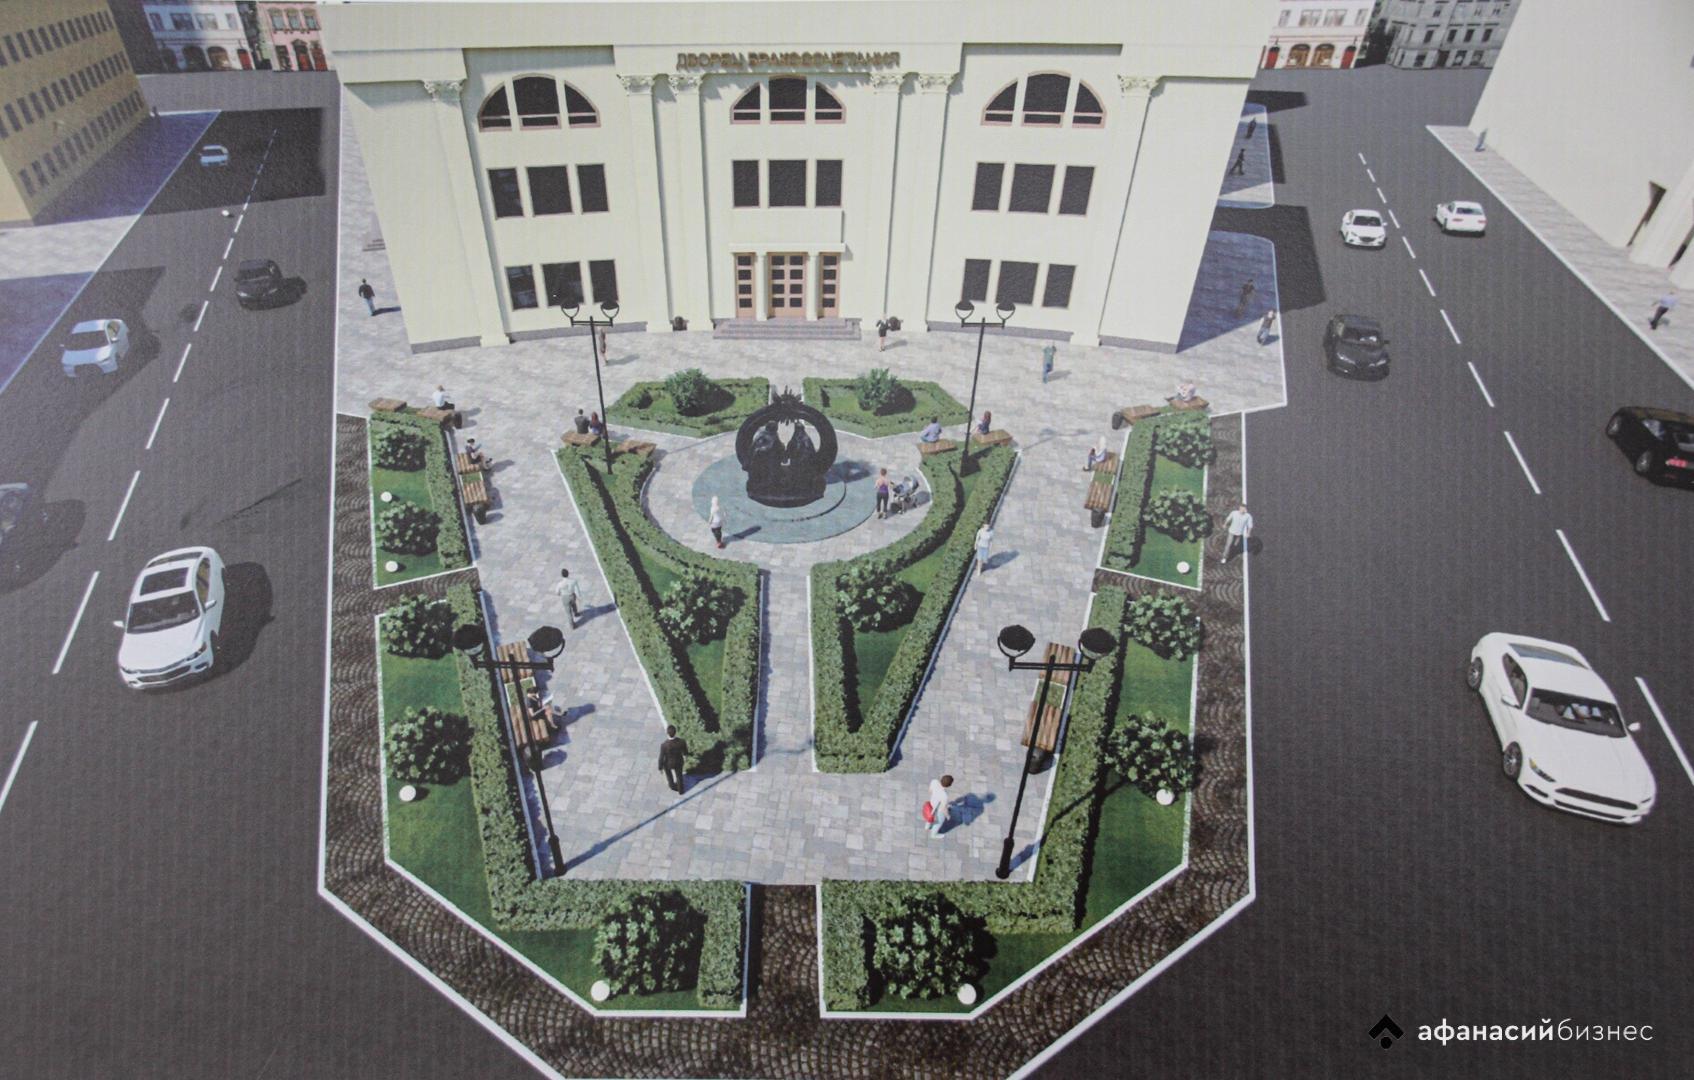 В Твери у Дворца бракосочетания тротуары покроют гранитной плиткой - новости Афанасий